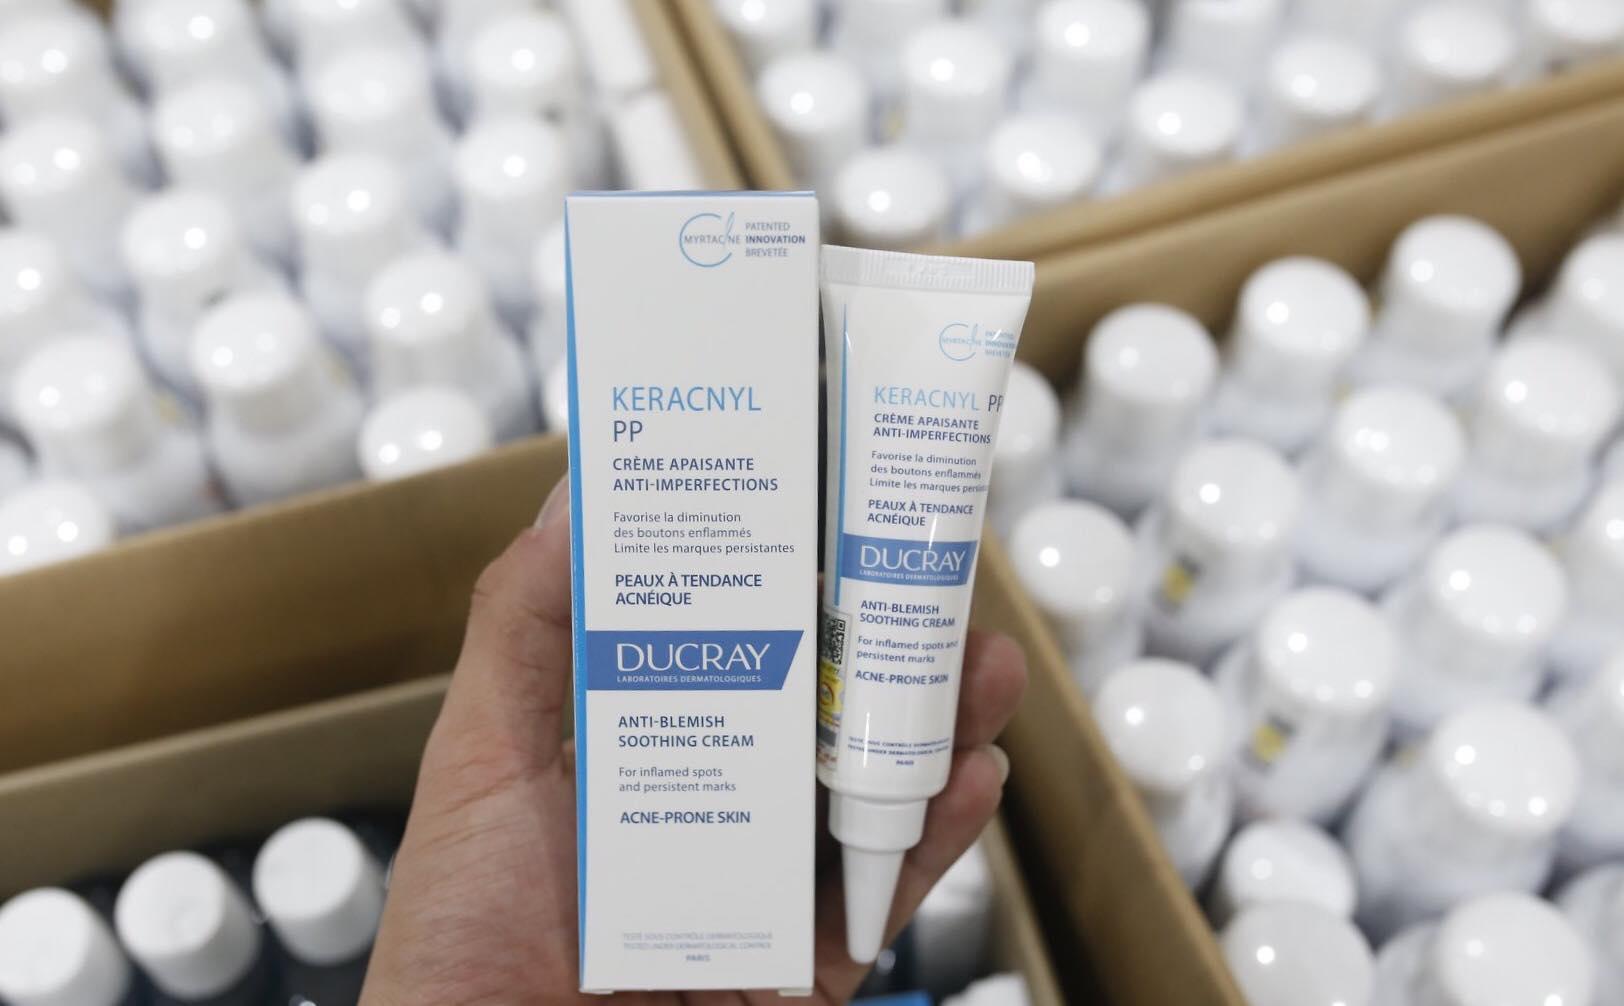 kem ngừa mụn, giảm thâm, giảm viêm Ducray Keracnyl PP Anti-blemish Soothing Cream